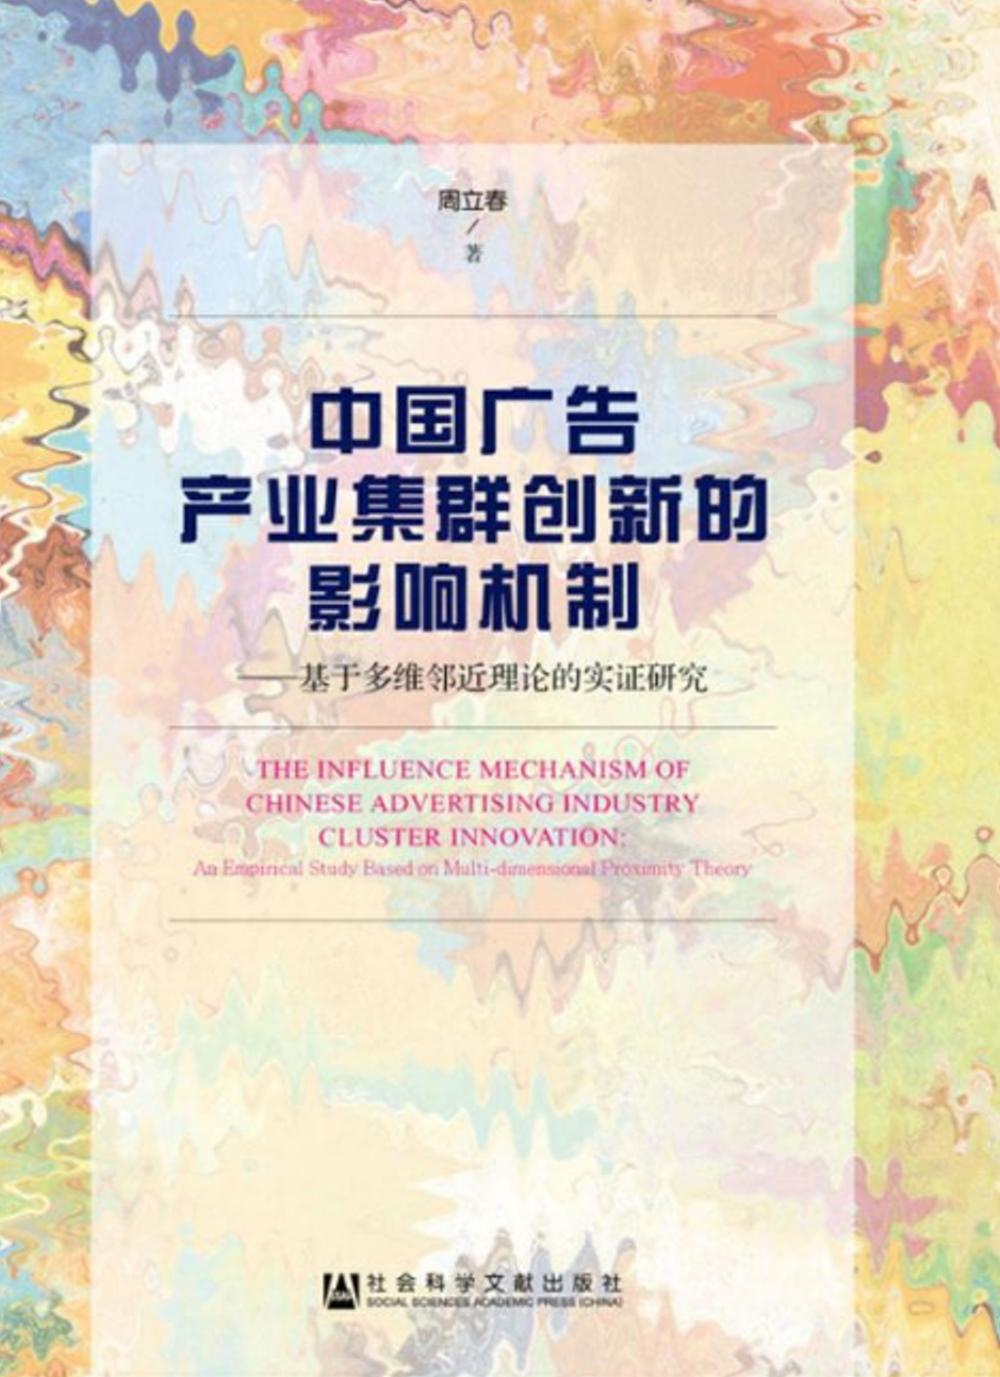 中國廣告產業集群創新的影響機制